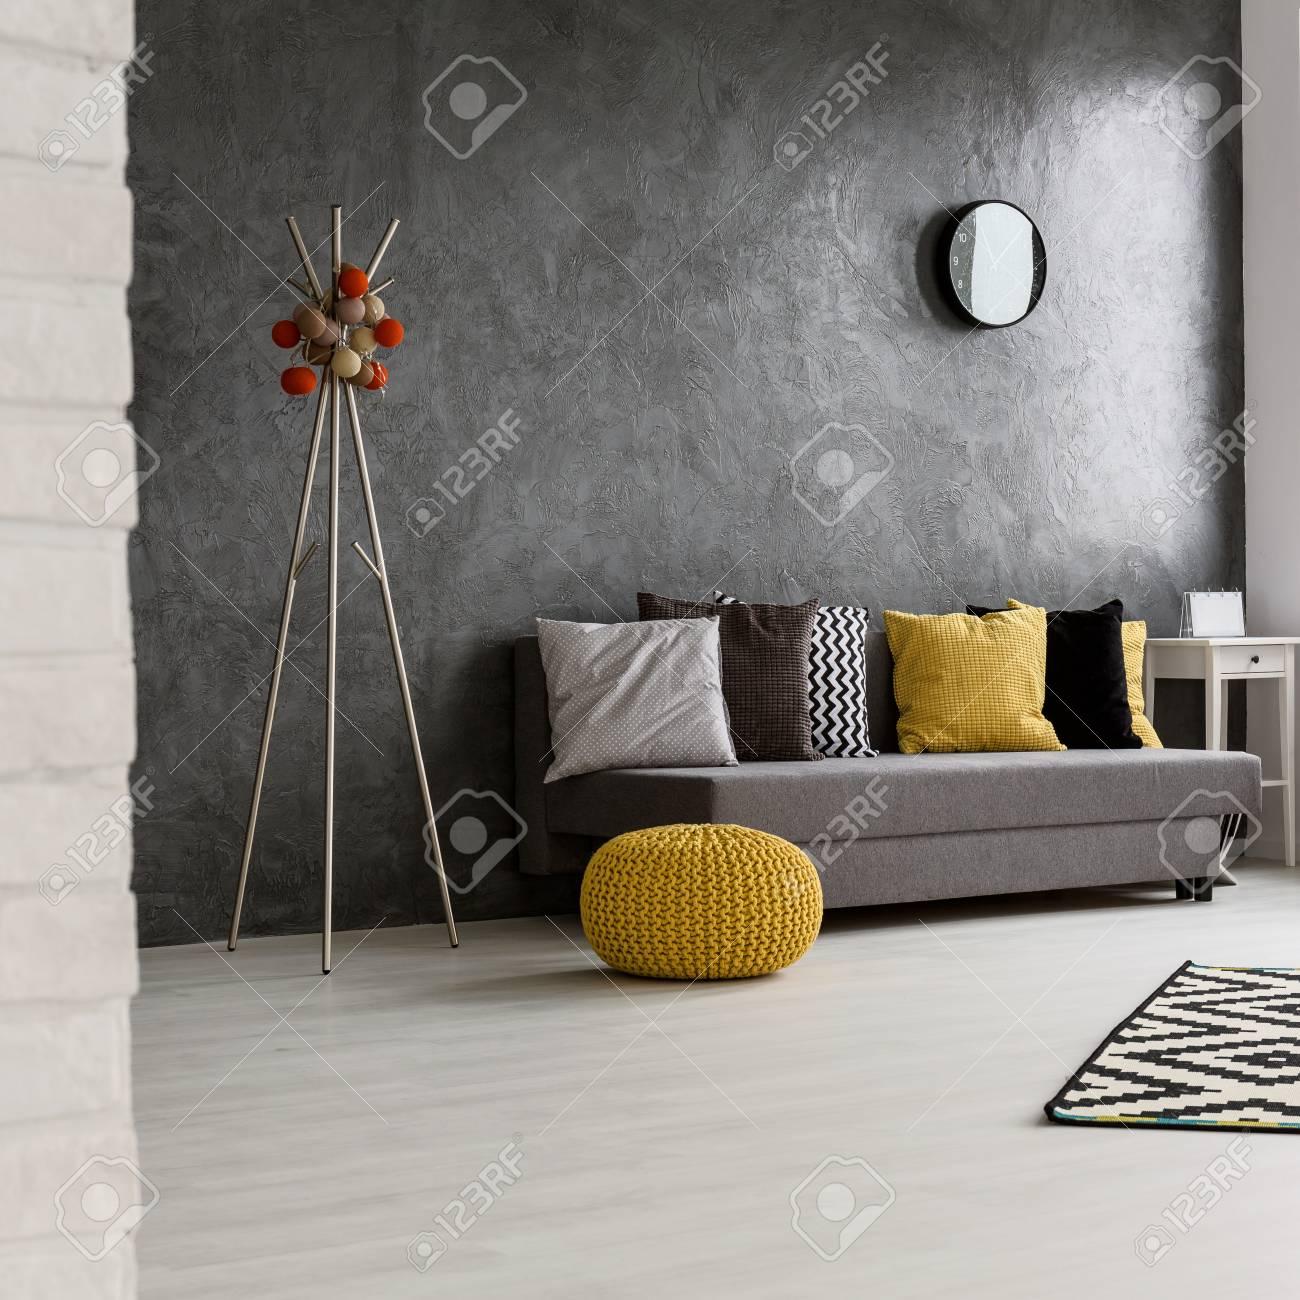 Große Gemütliche Grauen Wohnzimmer Mit Holz Hellen Boden. Durch Die Wand  Sofa Mit Bunten Kissen